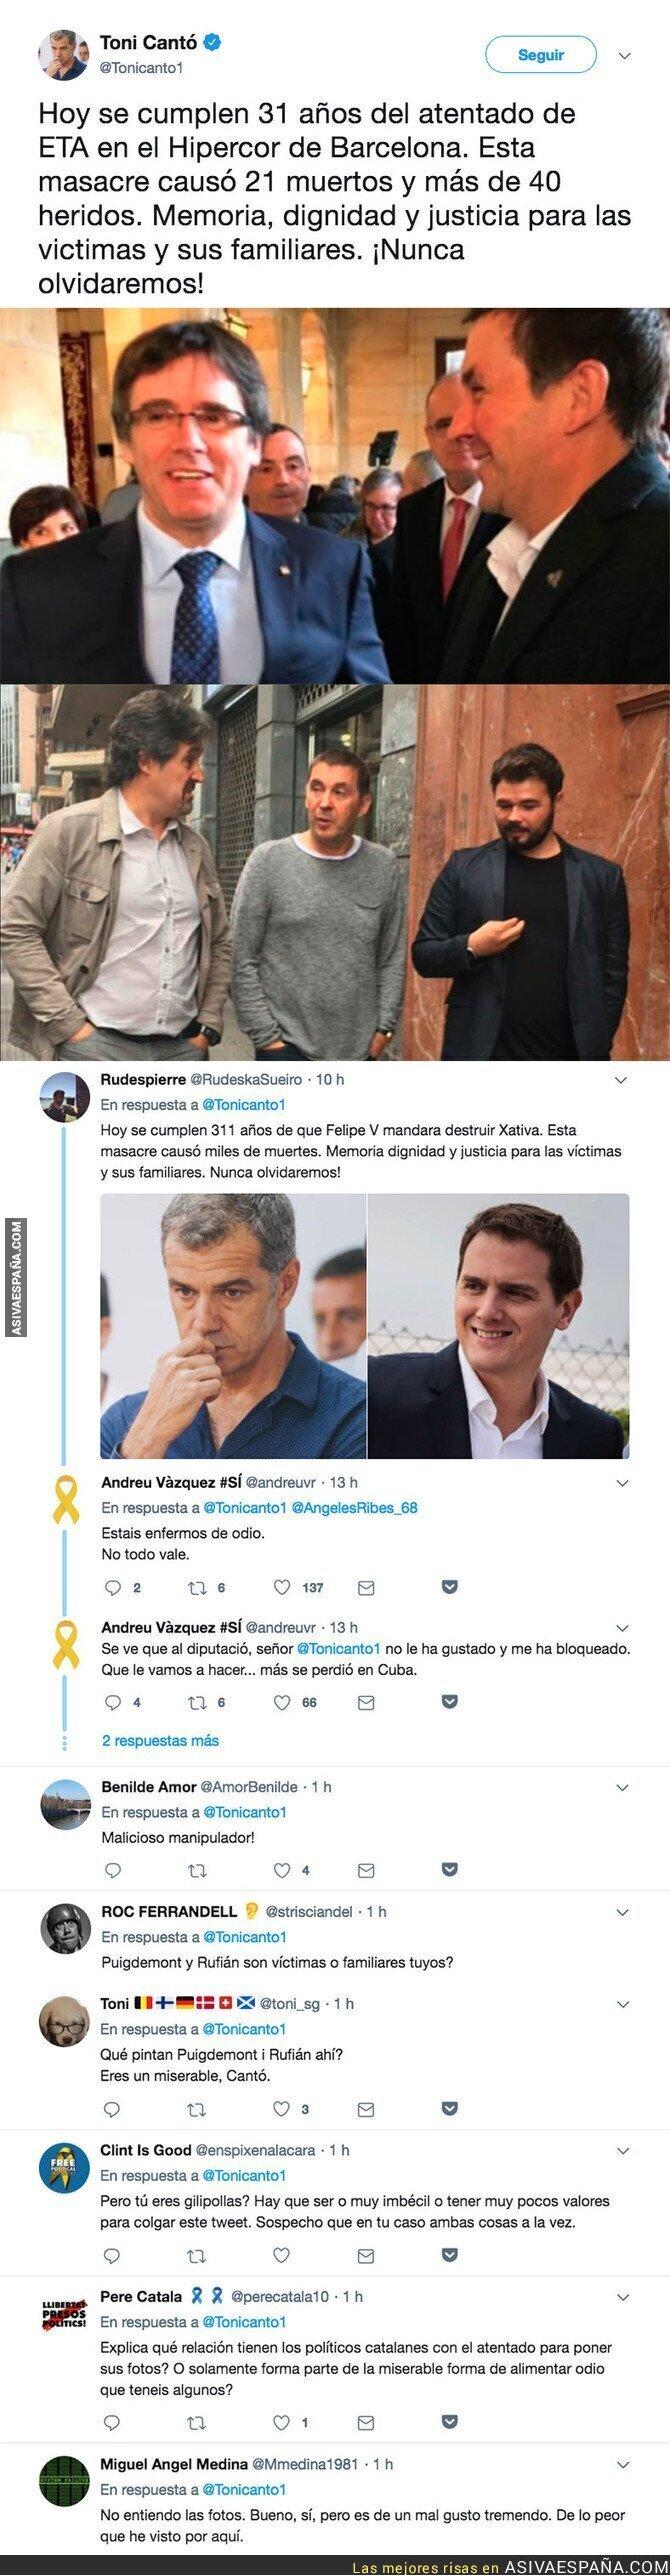 88591 - Toni Cantó crea gran polémica adjuntando estas fotos en su mensaje del 31 aniversario del atentado en el Hipercor